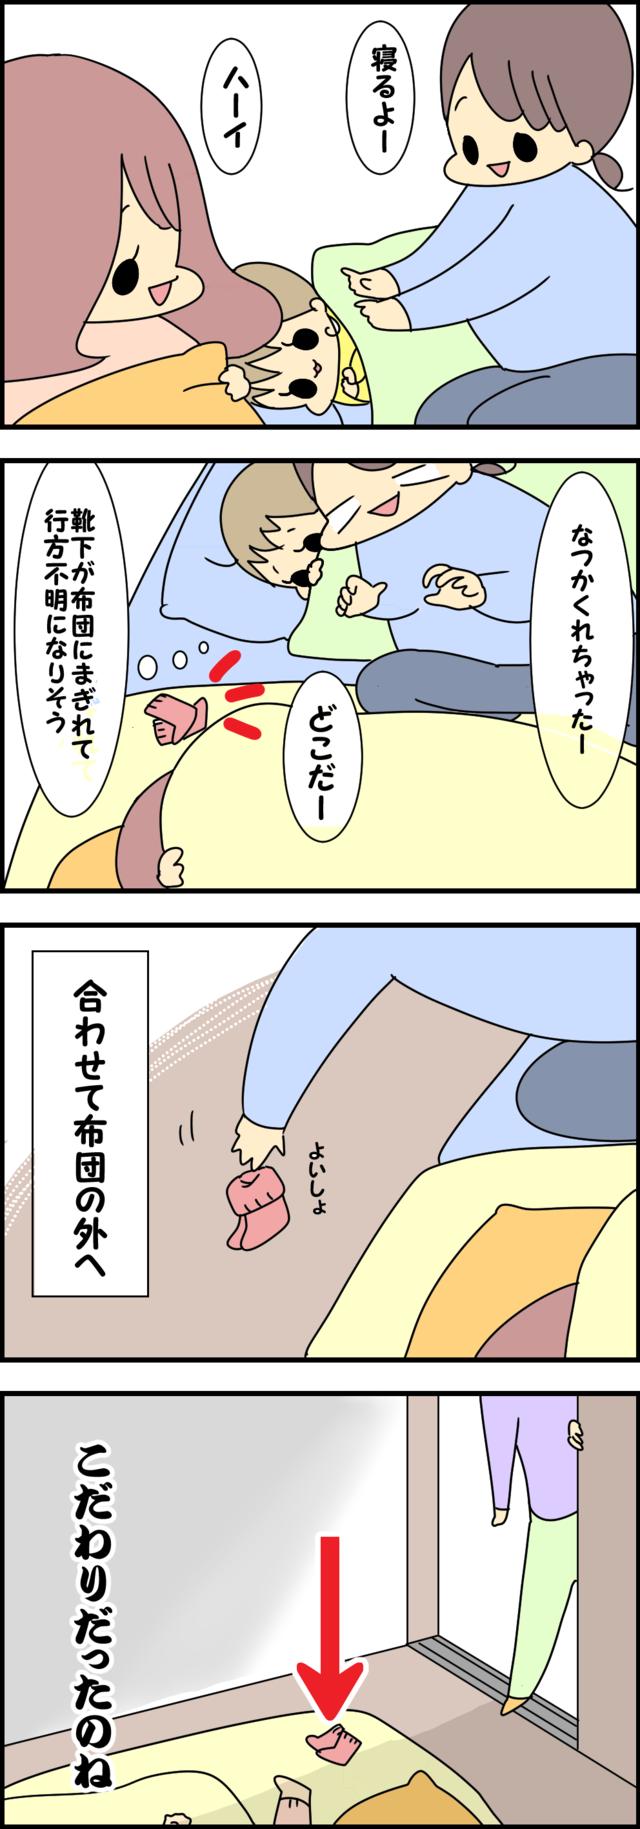 子供の靴下,育児,漫画,4コマ